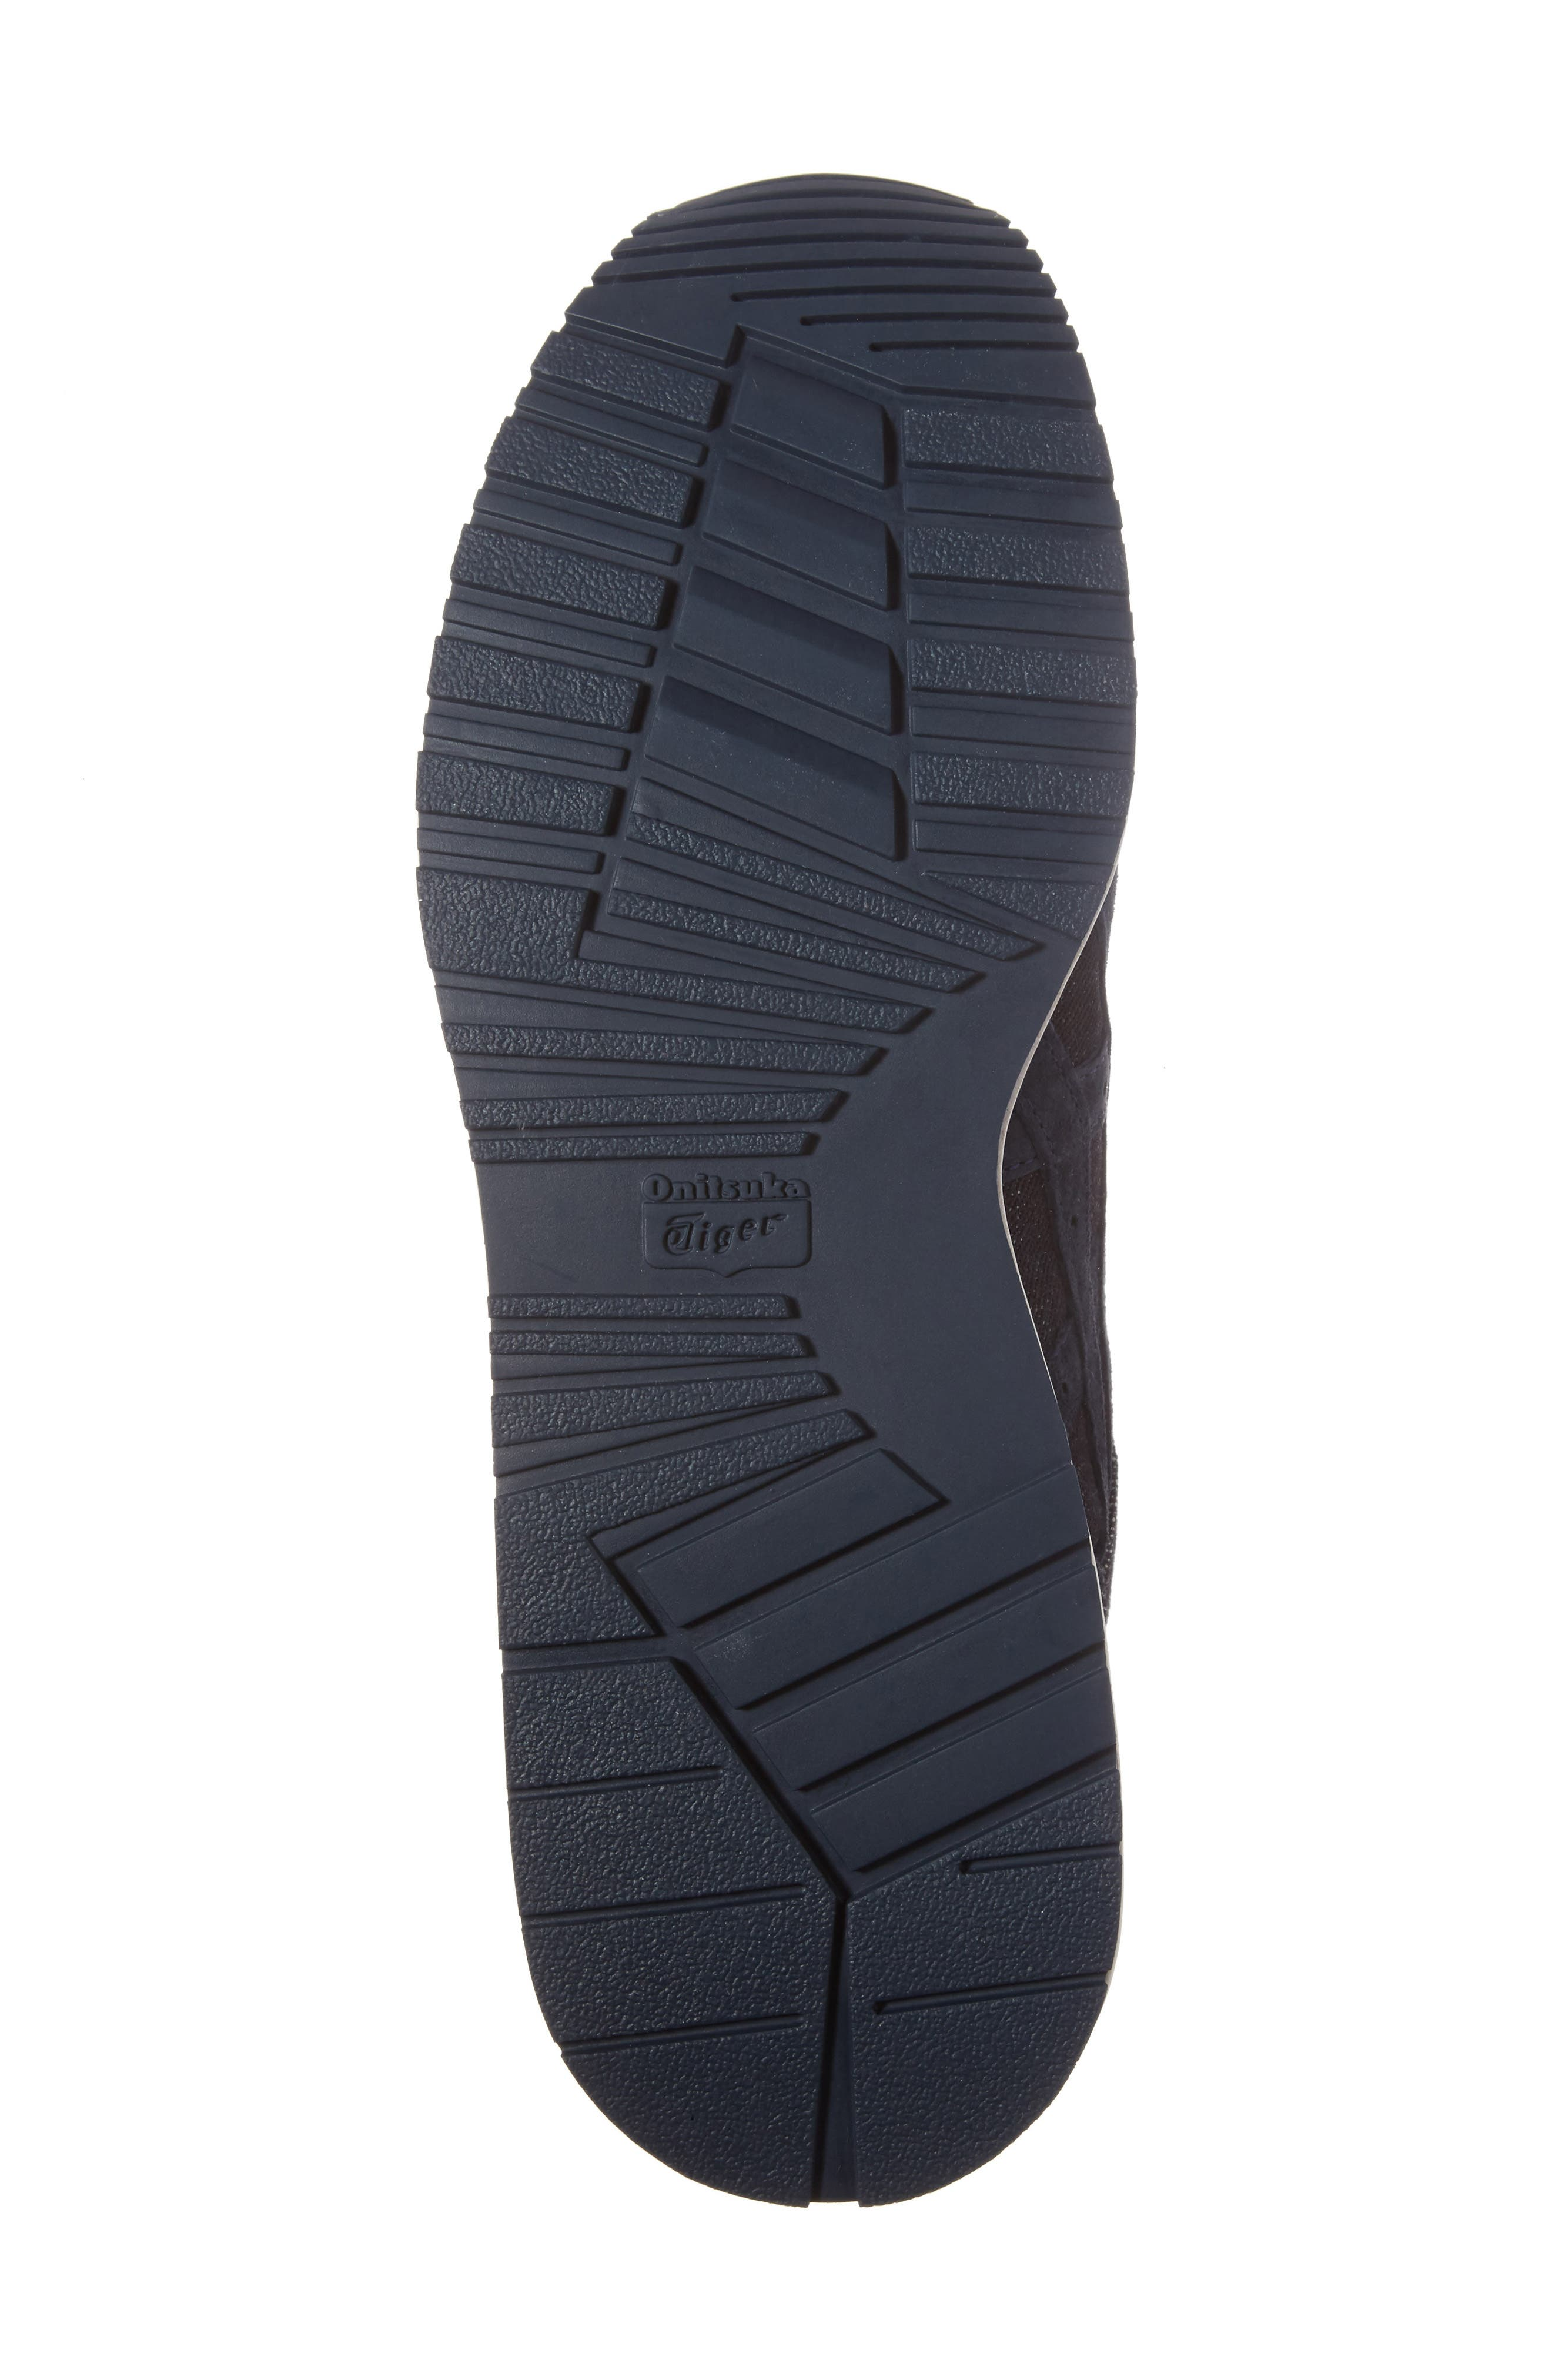 Onitsuka Tiger Ally Sneaker,                             Alternate thumbnail 6, color,                             Indigo Blue/ Indigo Blue